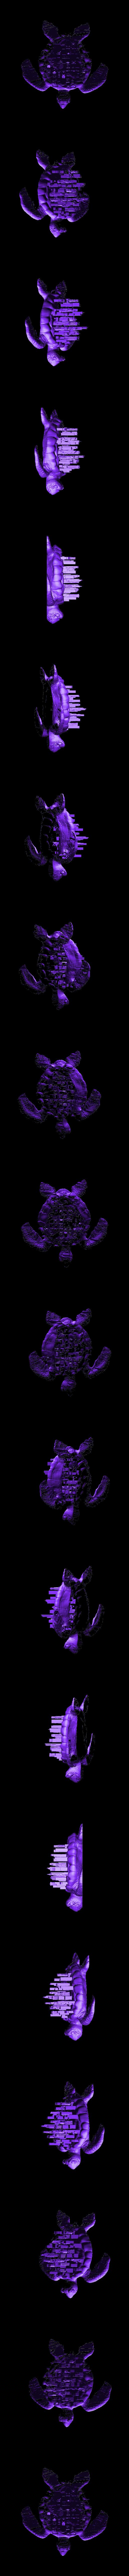 Turtle_NYC.stl Télécharger fichier STL gratuit New York City - Tortue • Plan pour impression 3D, FiveNights